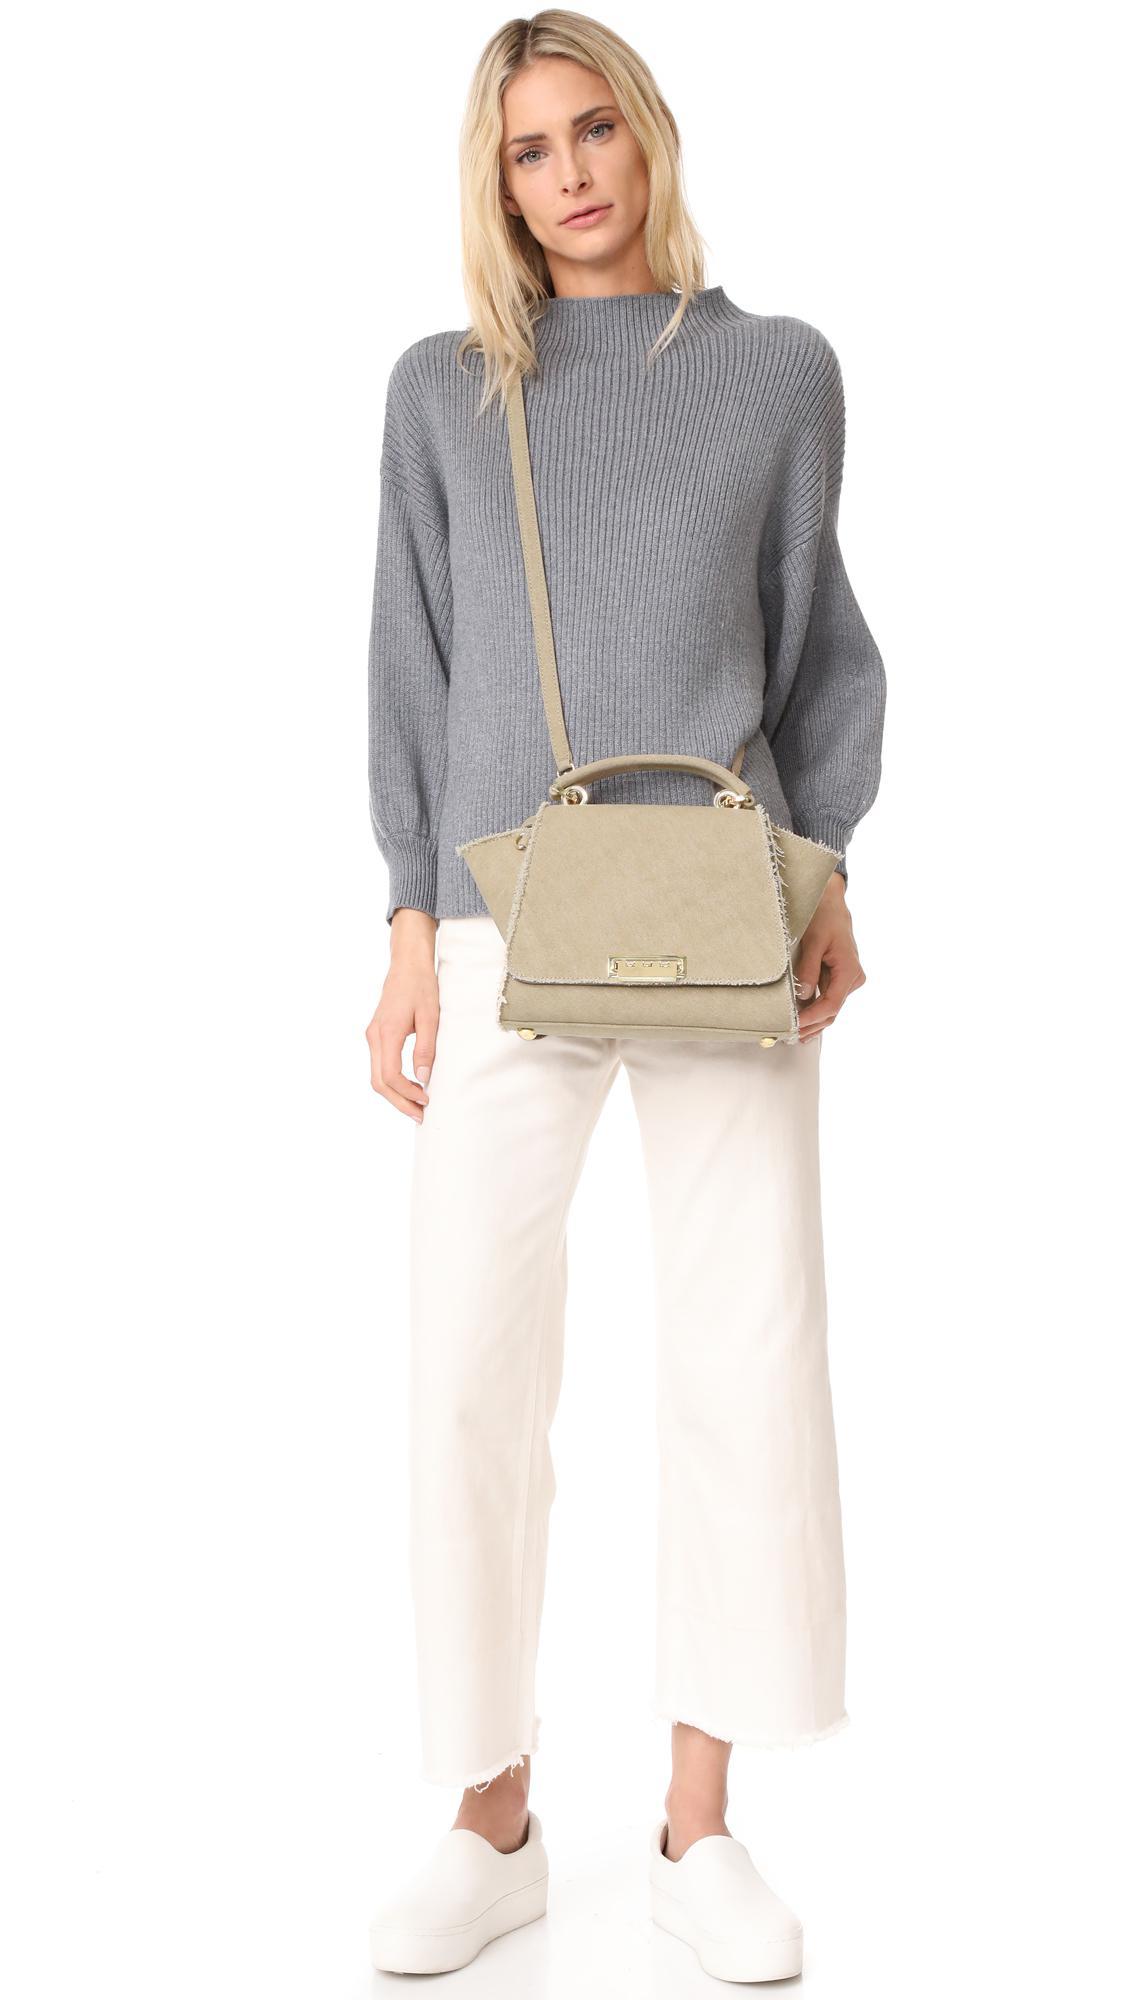 Lyst - Zac Zac Posen Eartha Iconic Soft Top Handle Convertible Backpack 48100c4c188aa